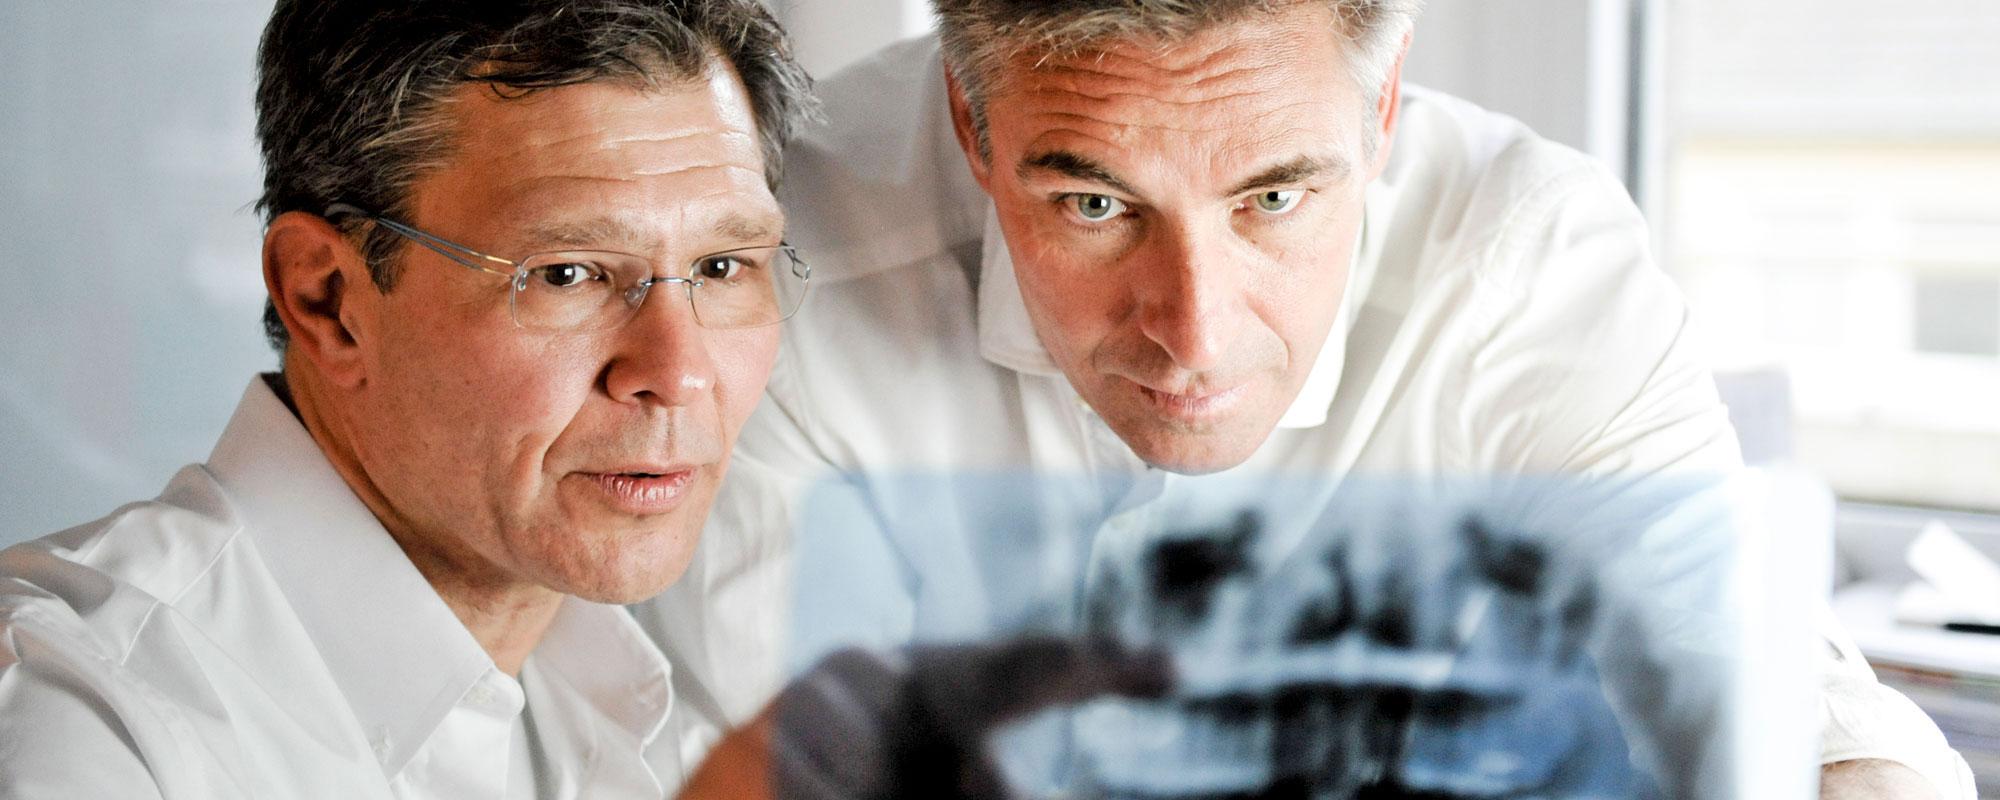 Mönchengladbach: Zahnimplantate von zertifizierten Implantologen